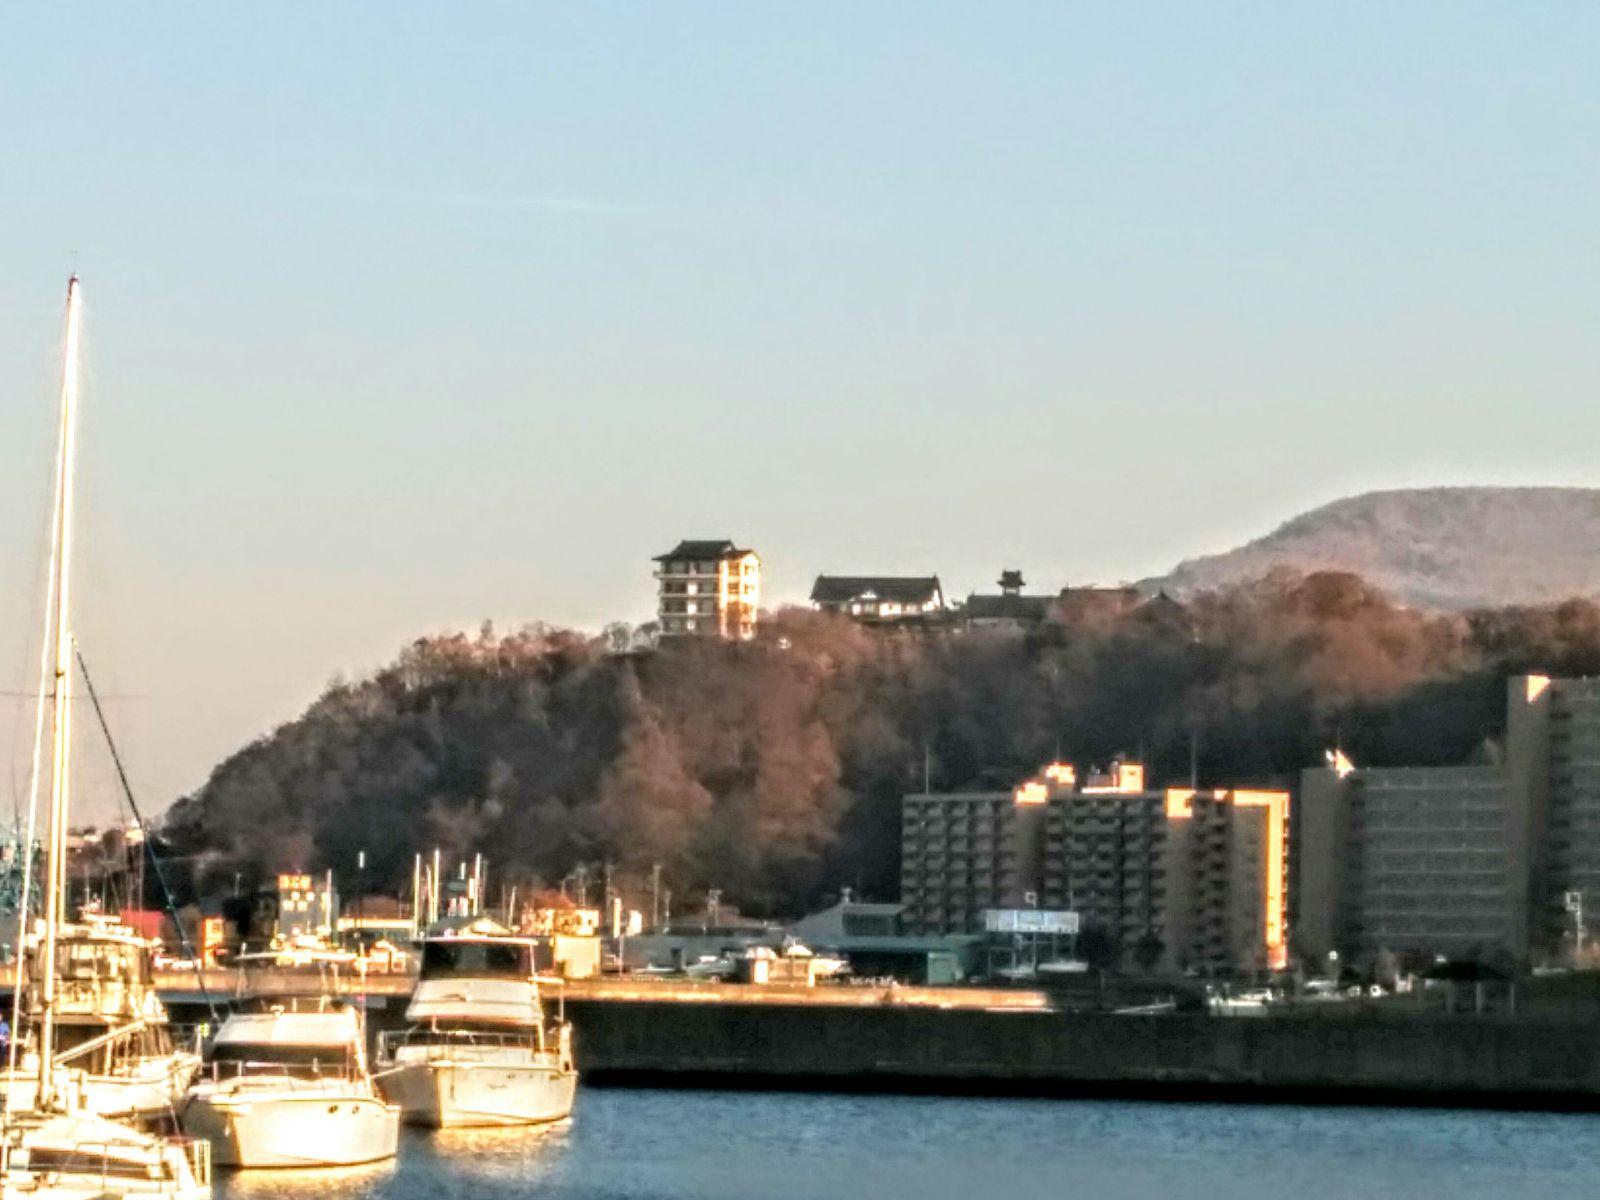 【小樽市】小樽銀鱗荘観光案内